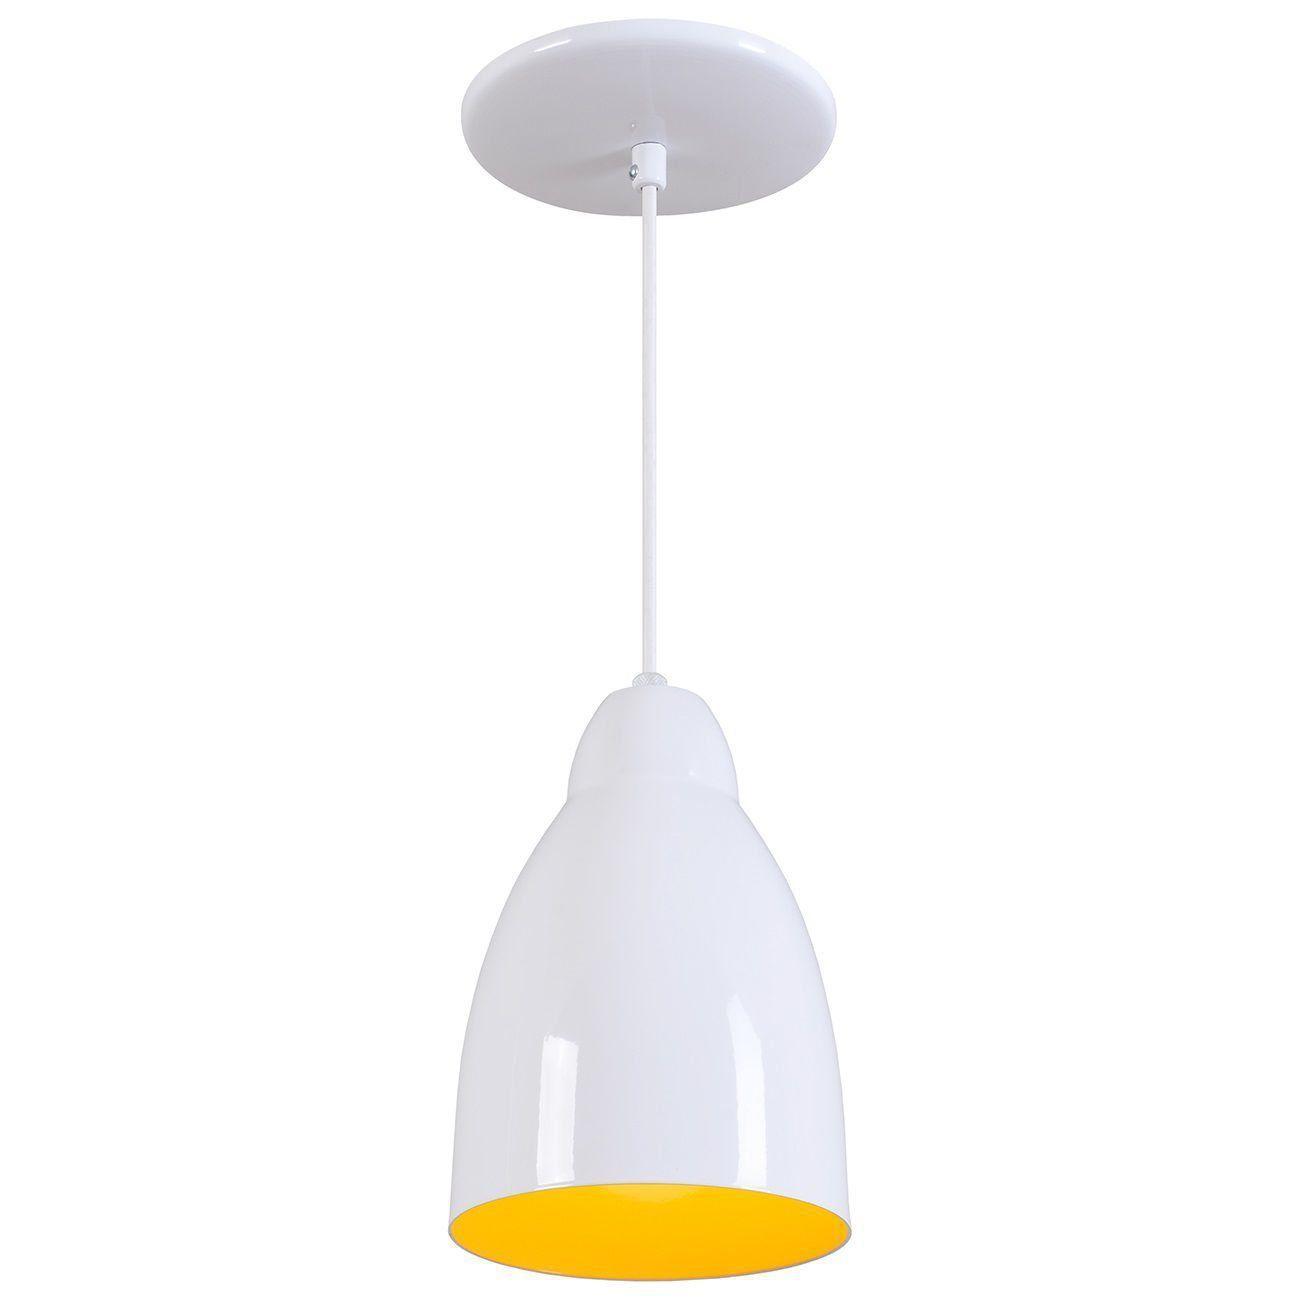 Pendente Bala Luminária Lustre Alumínio Branco Brilhante C/ Amarelo - Rei Da Iluminação